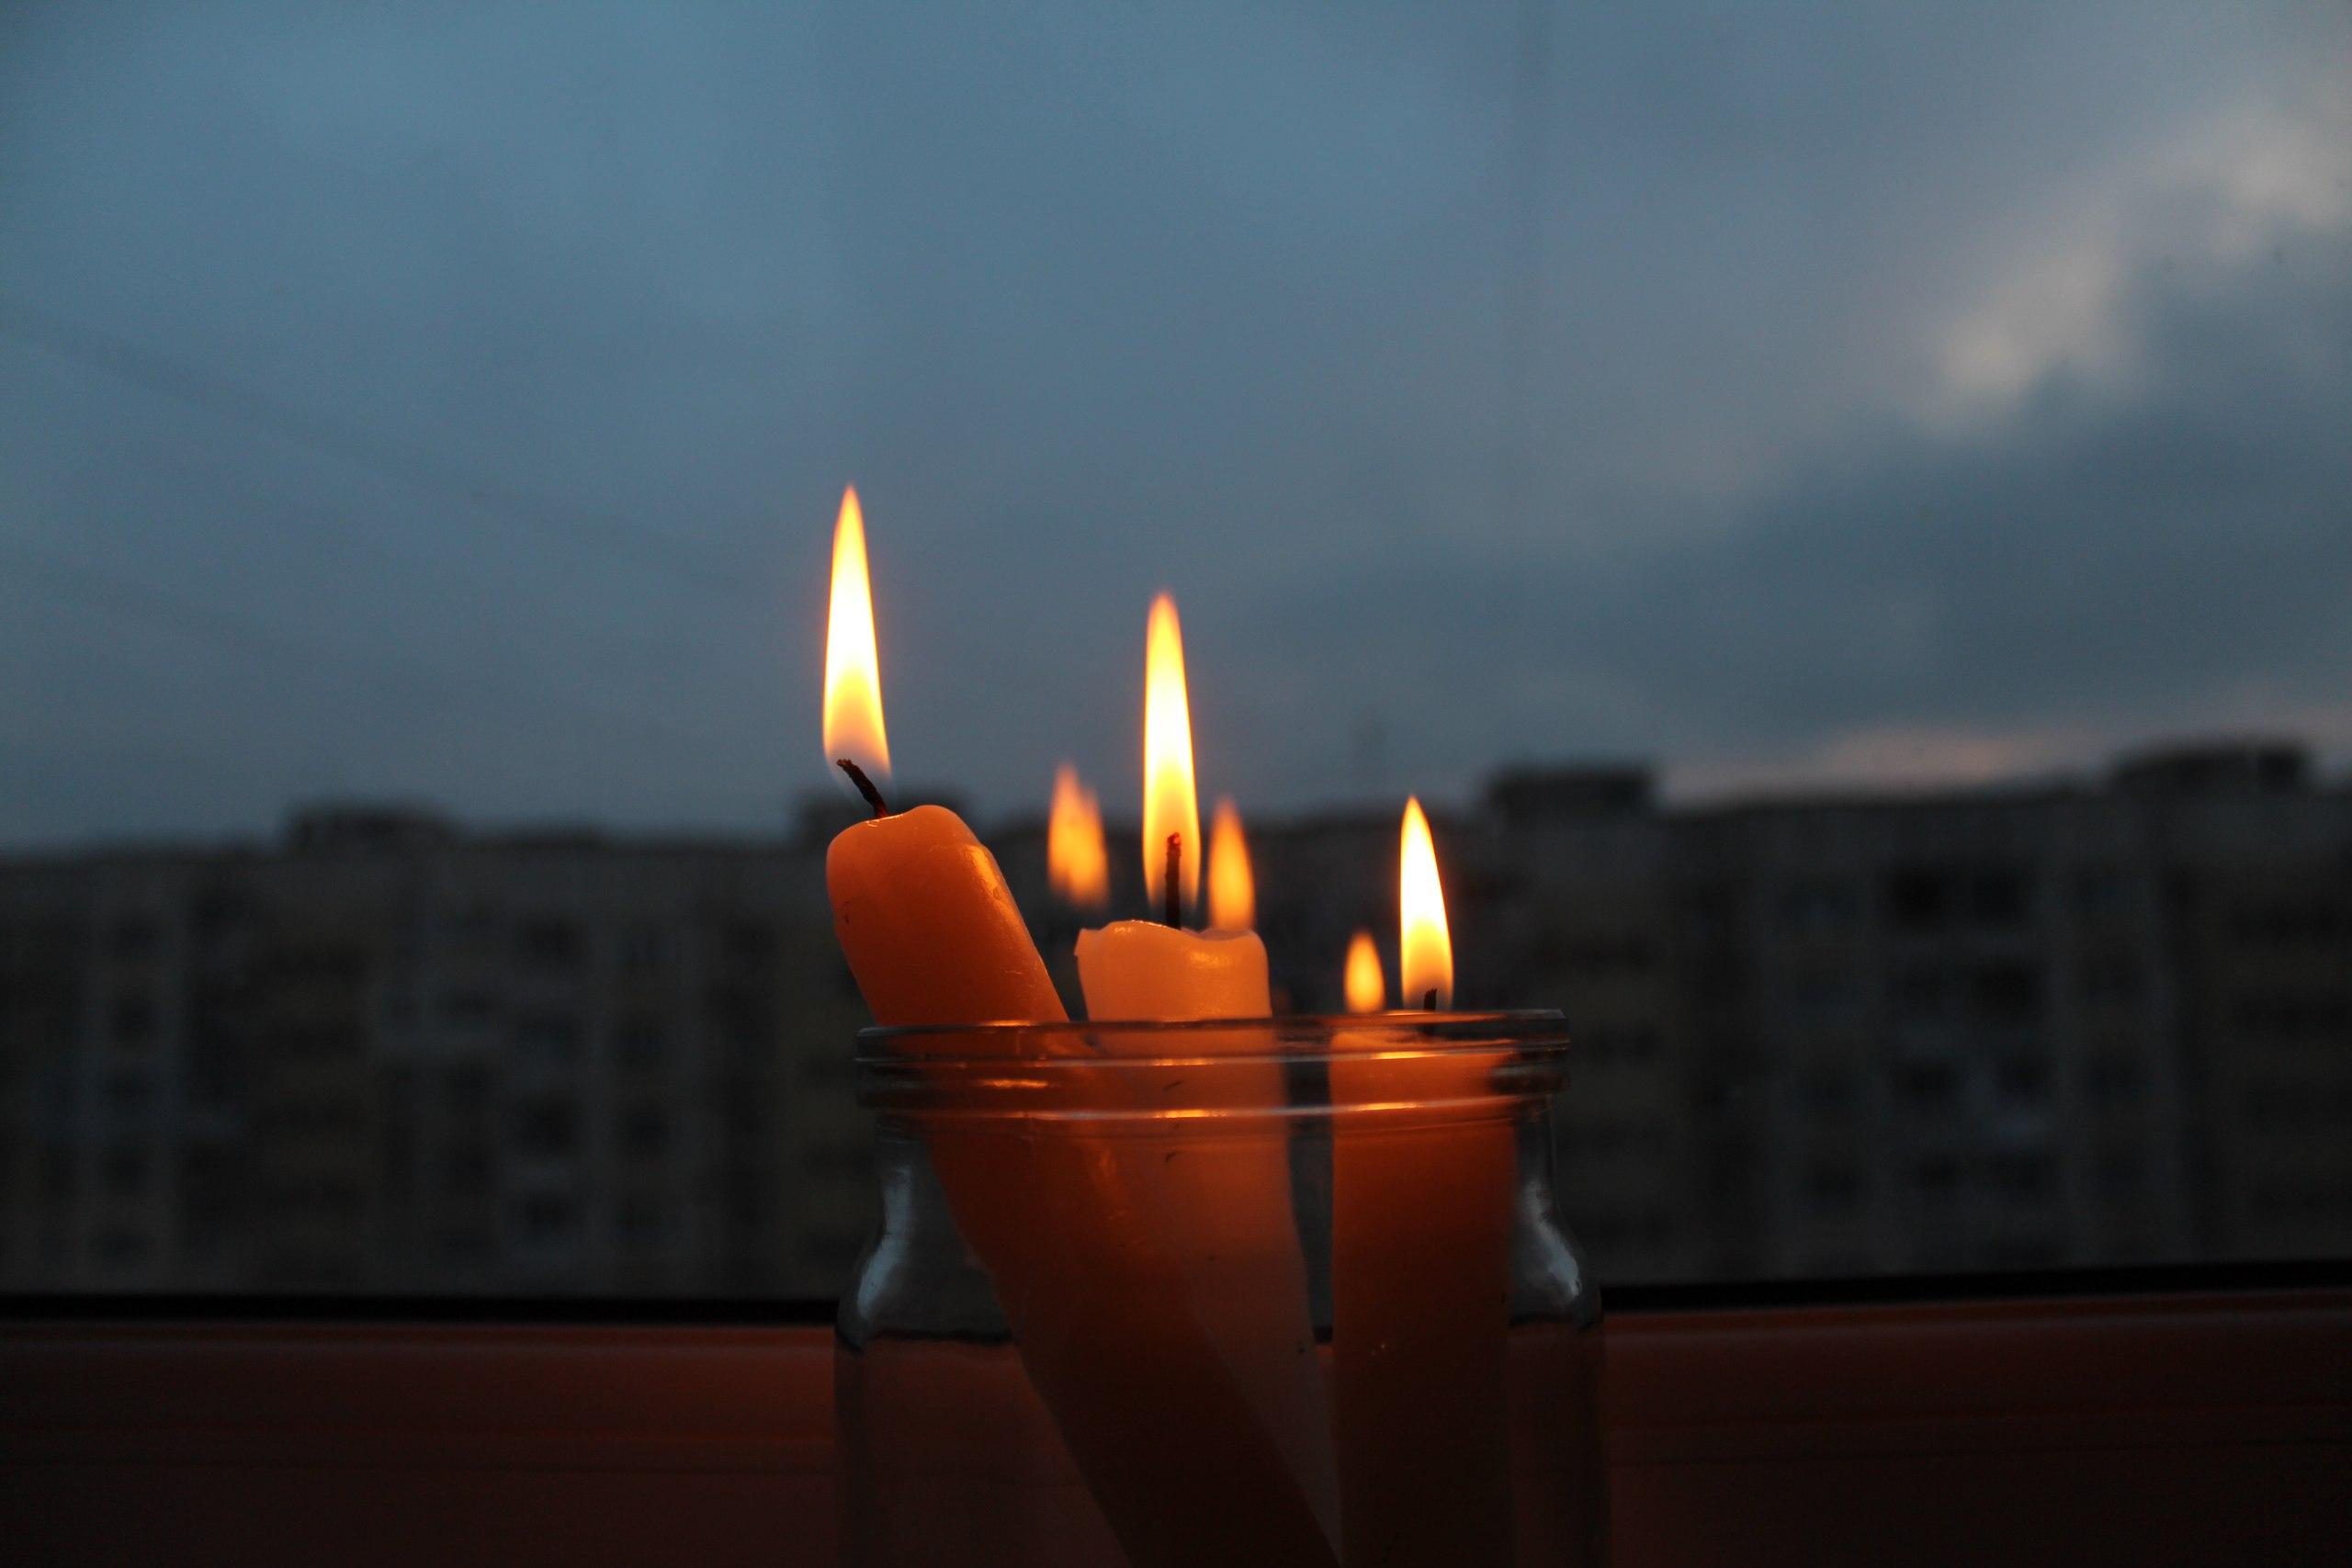 Выходные при свечах. Новости Днепра